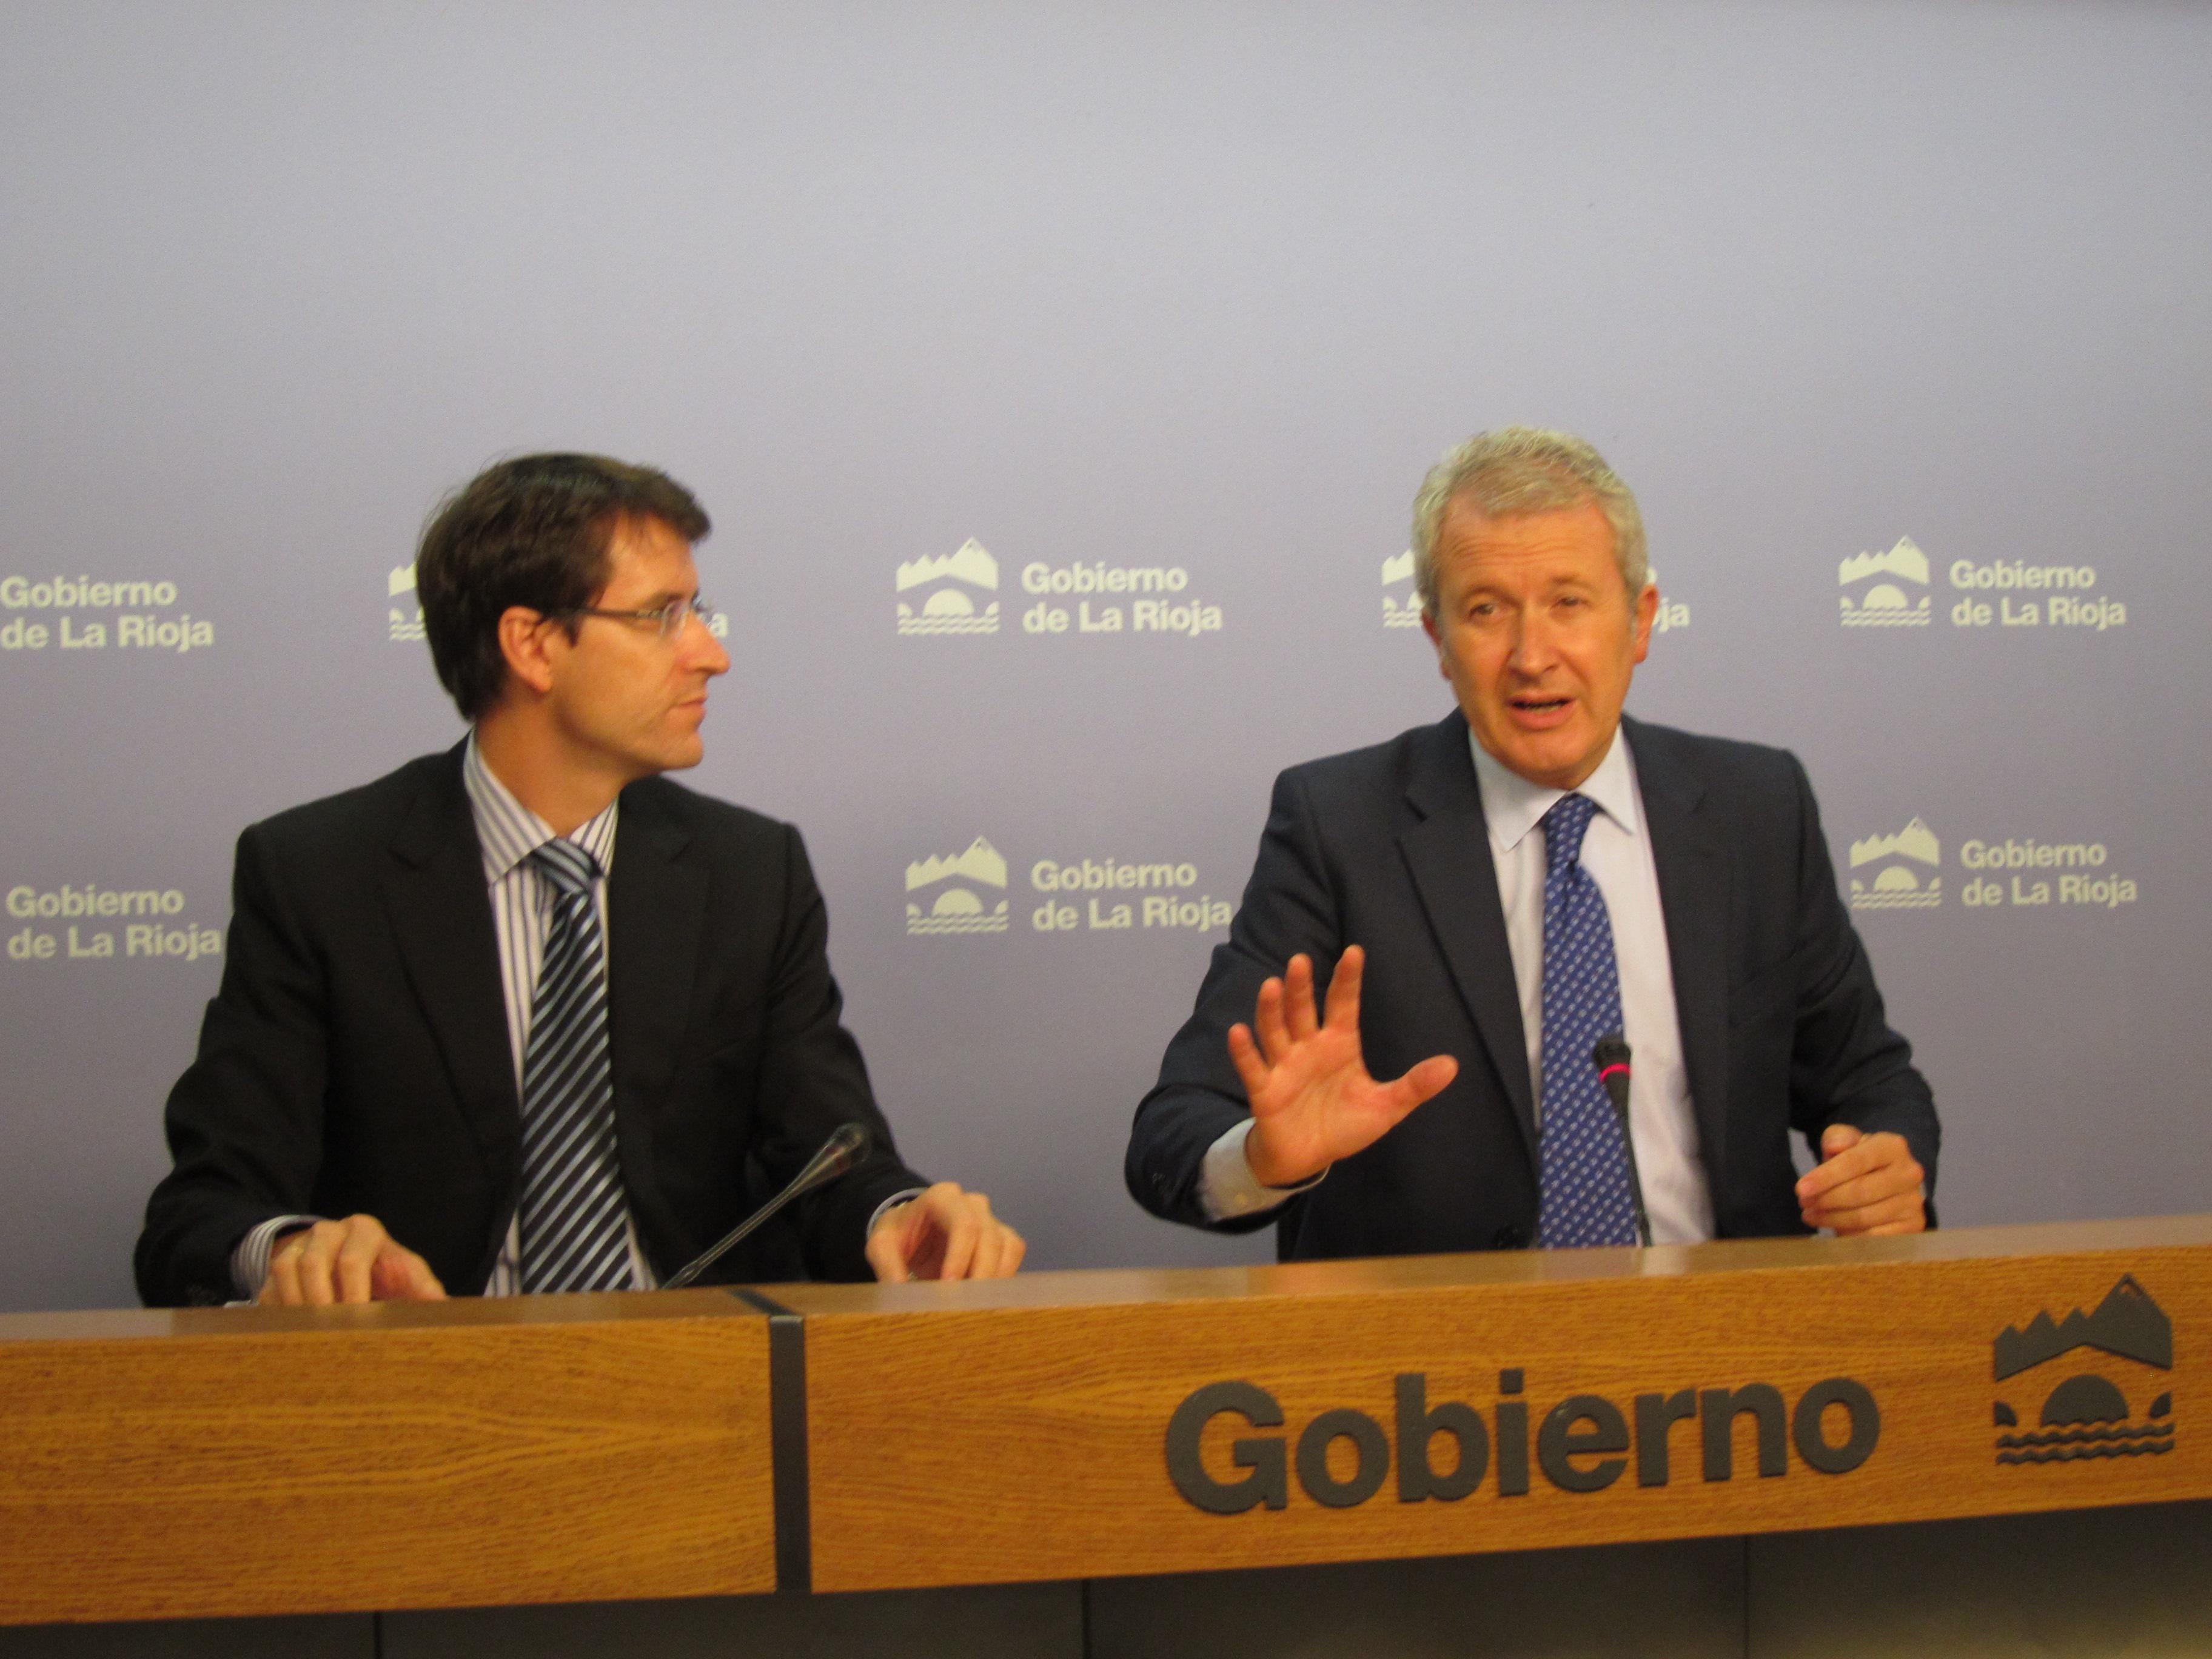 El Gobierno de La Rioja aprueba el decreto que regula la habitabilidad de las viviendas